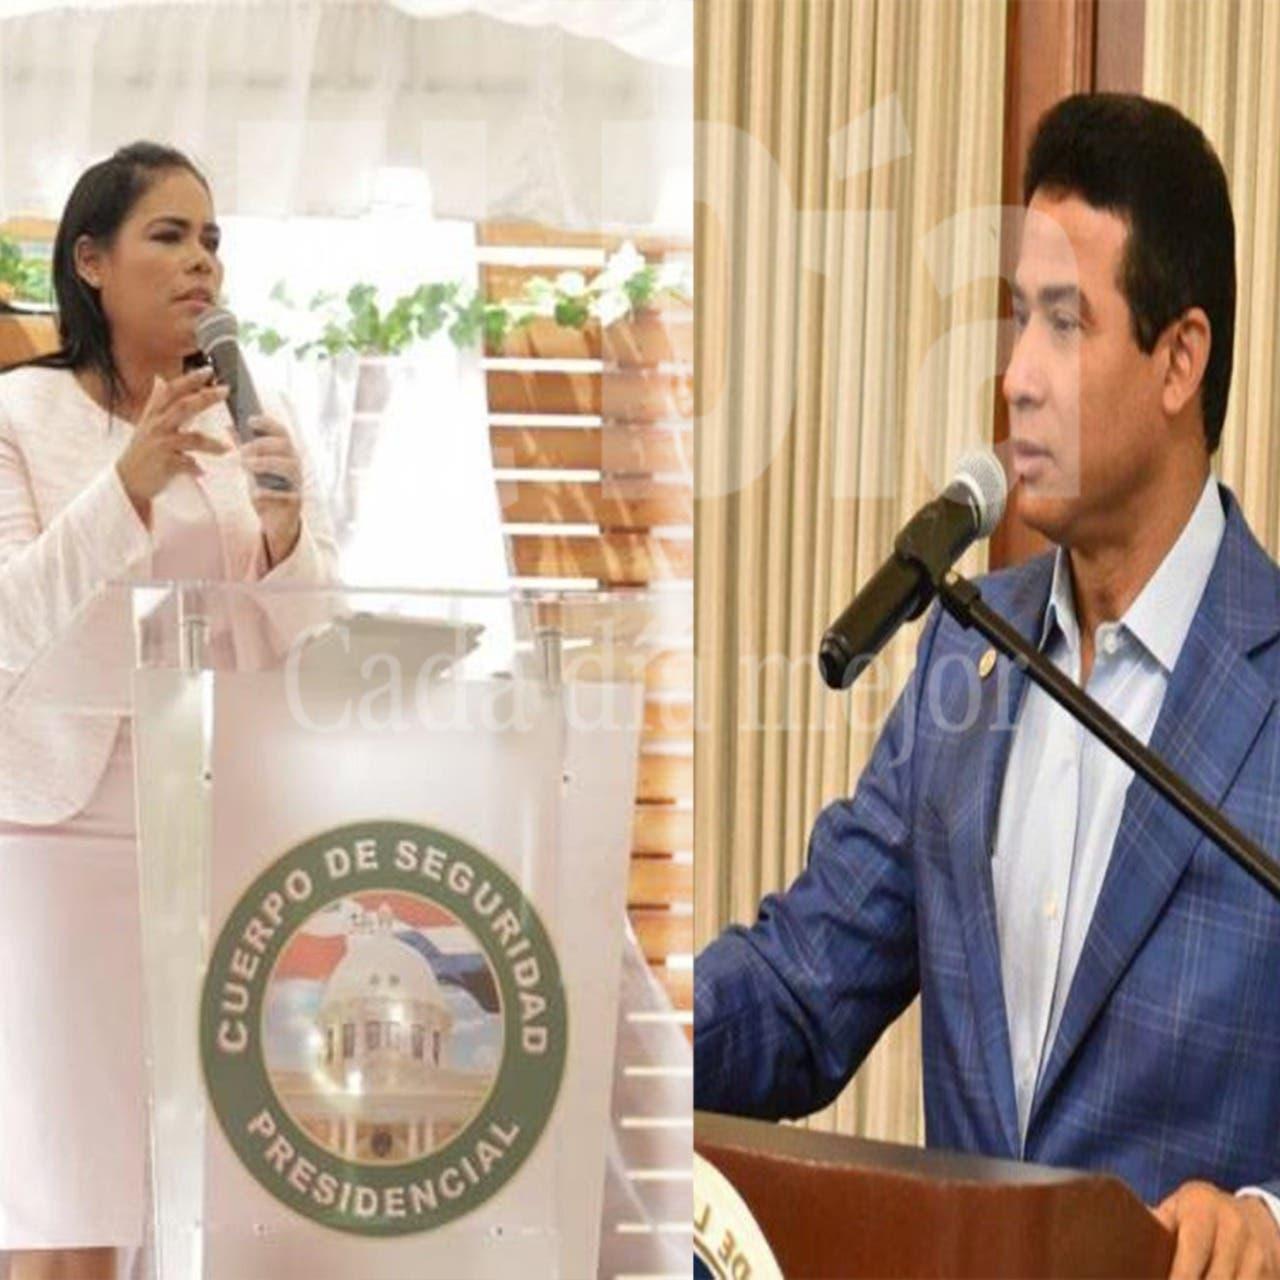 Pastora Rossy Guzmán no pertenece a ningún concilio evangélico